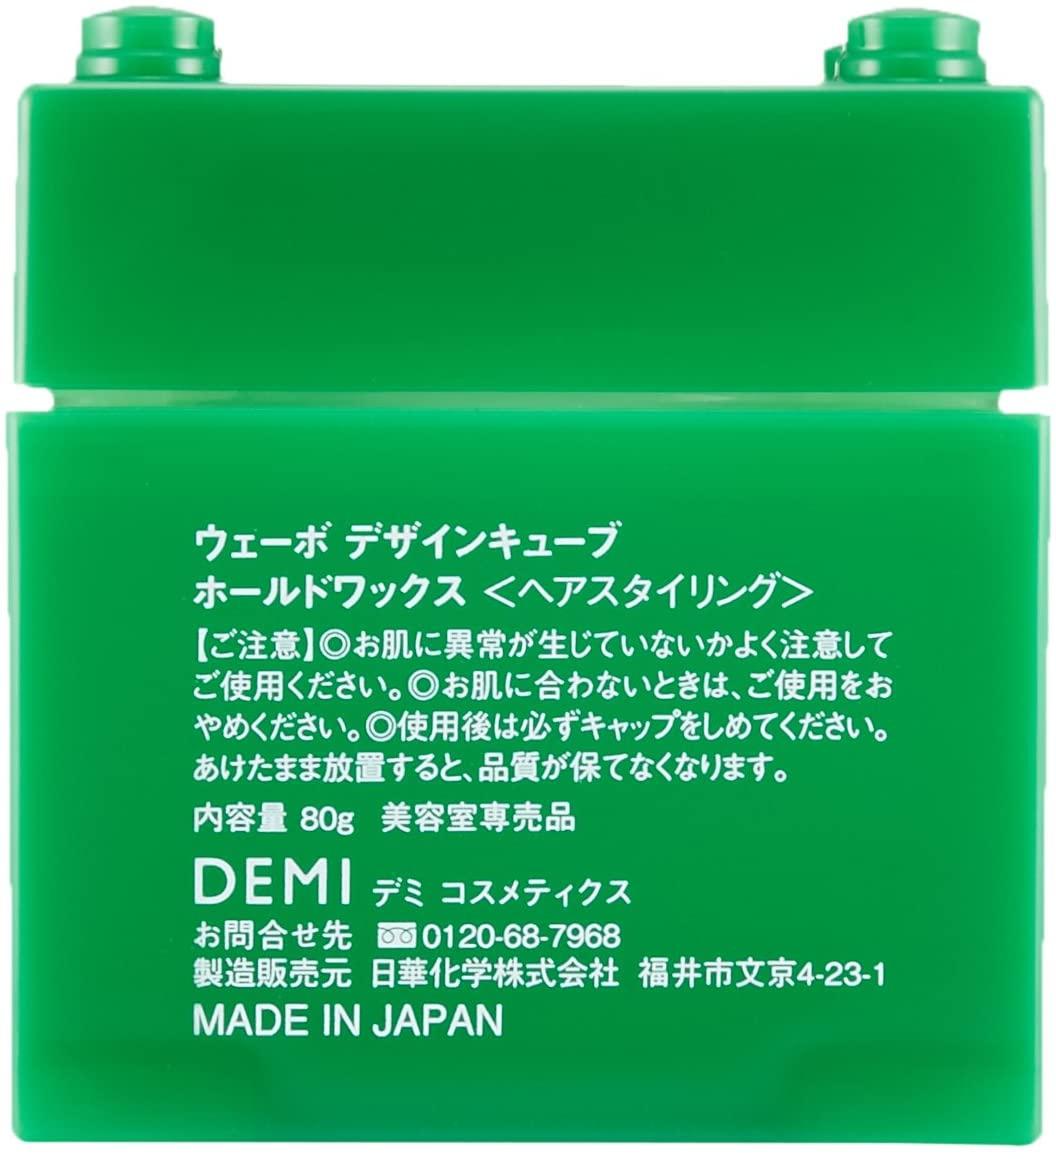 uevo design cube(ウェーボ デザインキューブ)ホールドワックスの商品画像4